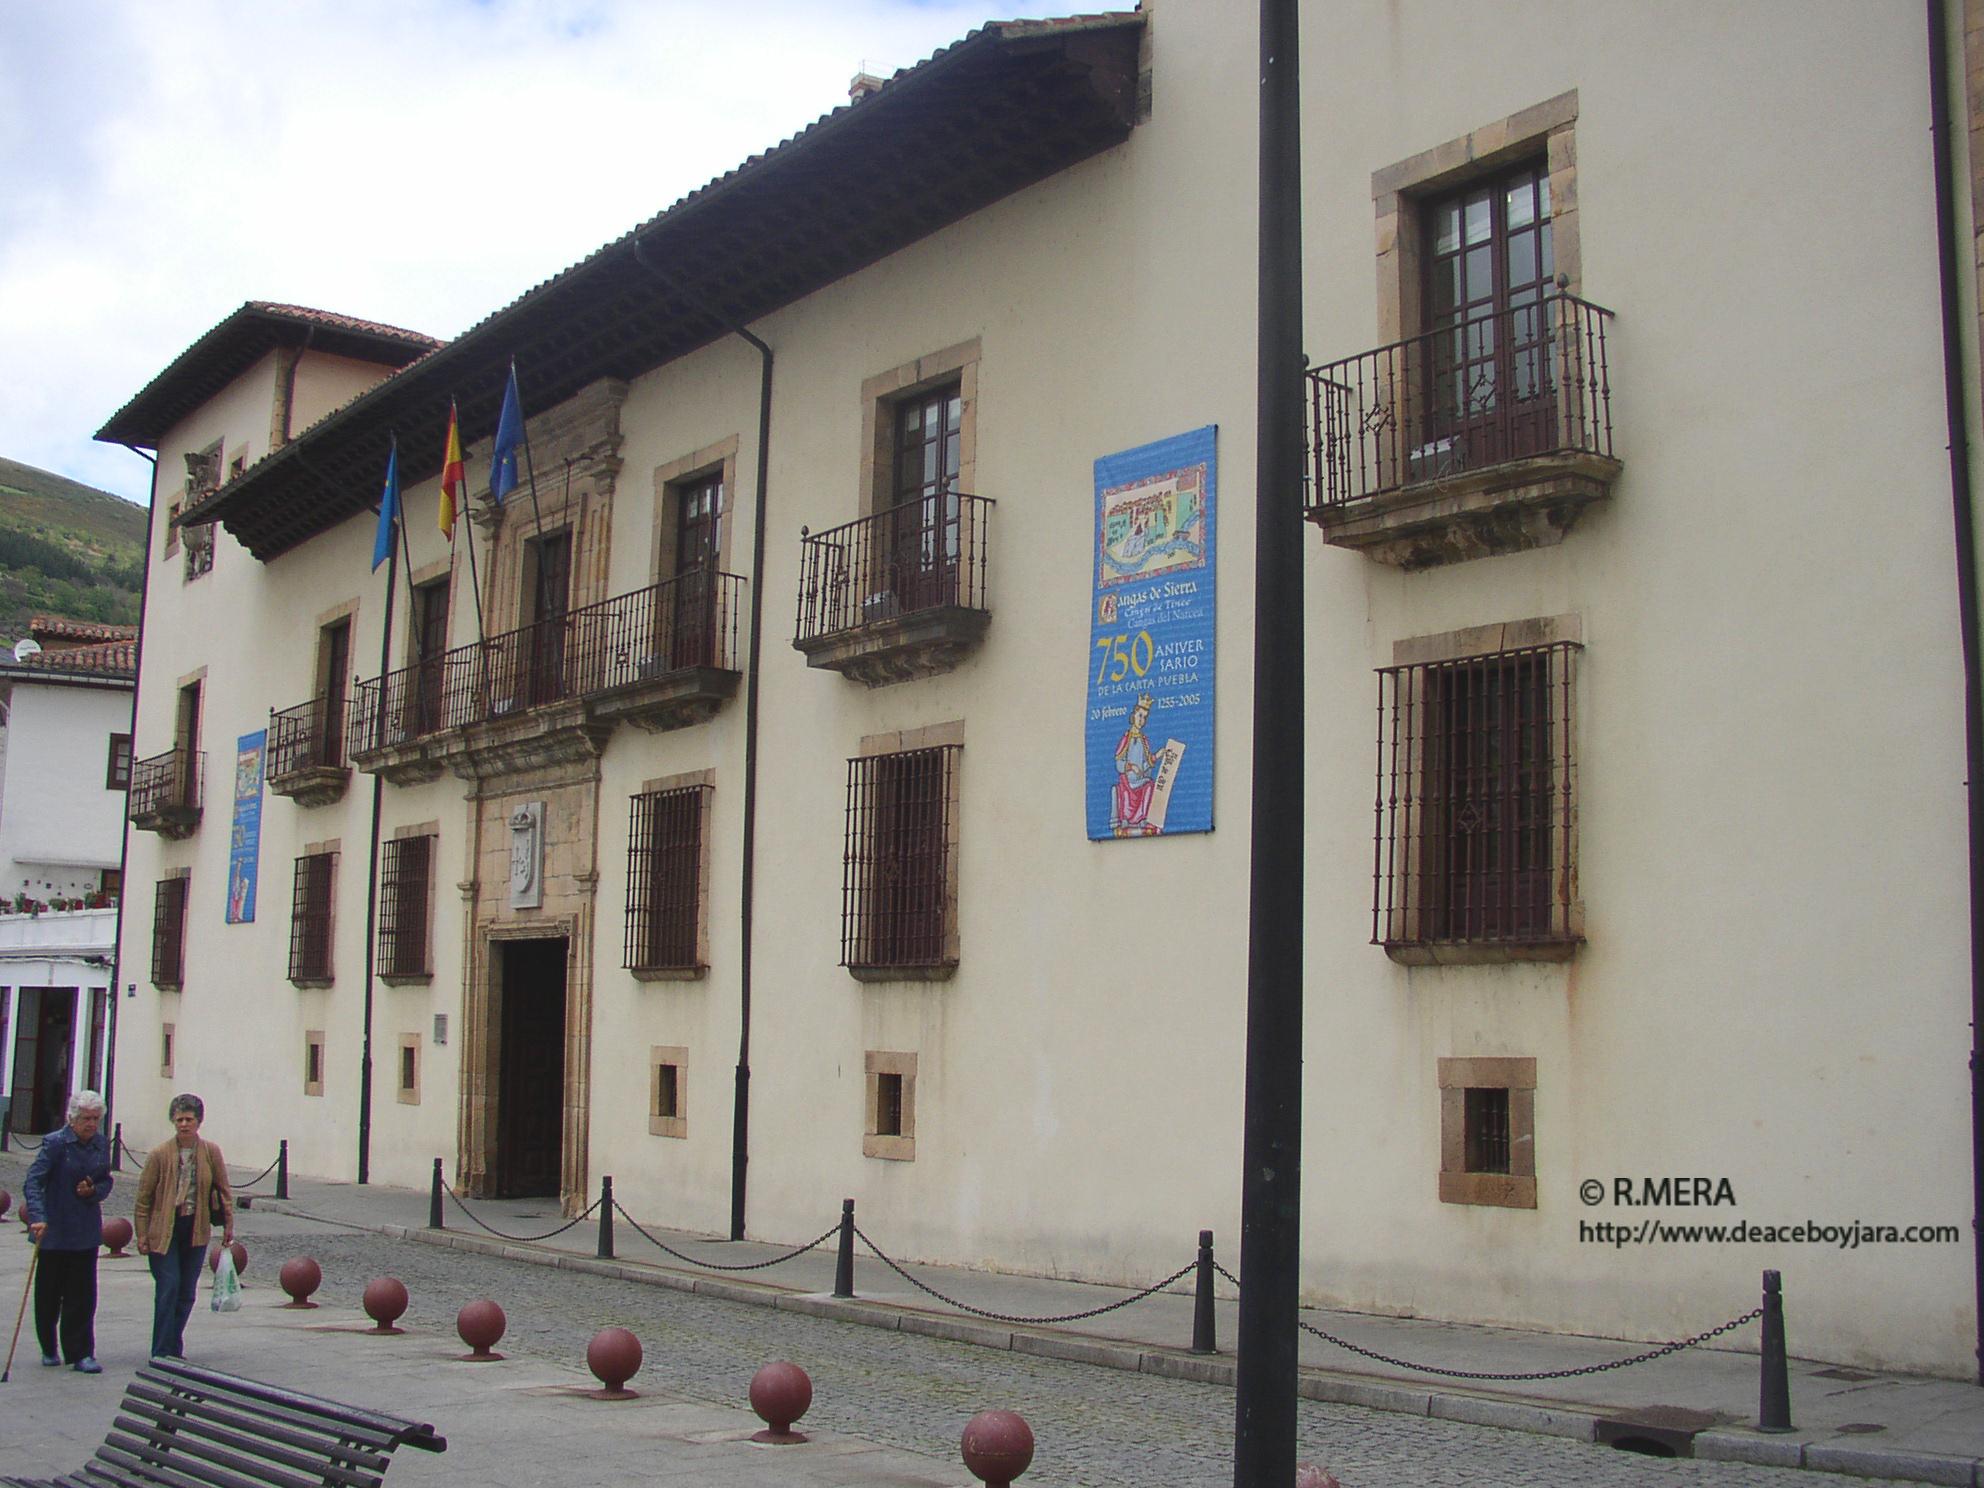 CANGAS DEL NARCEA.- Llamados a declarar todos los concejales de Izquierda Unida y del Partido Popular durante el mandato del Alcalde Martínez